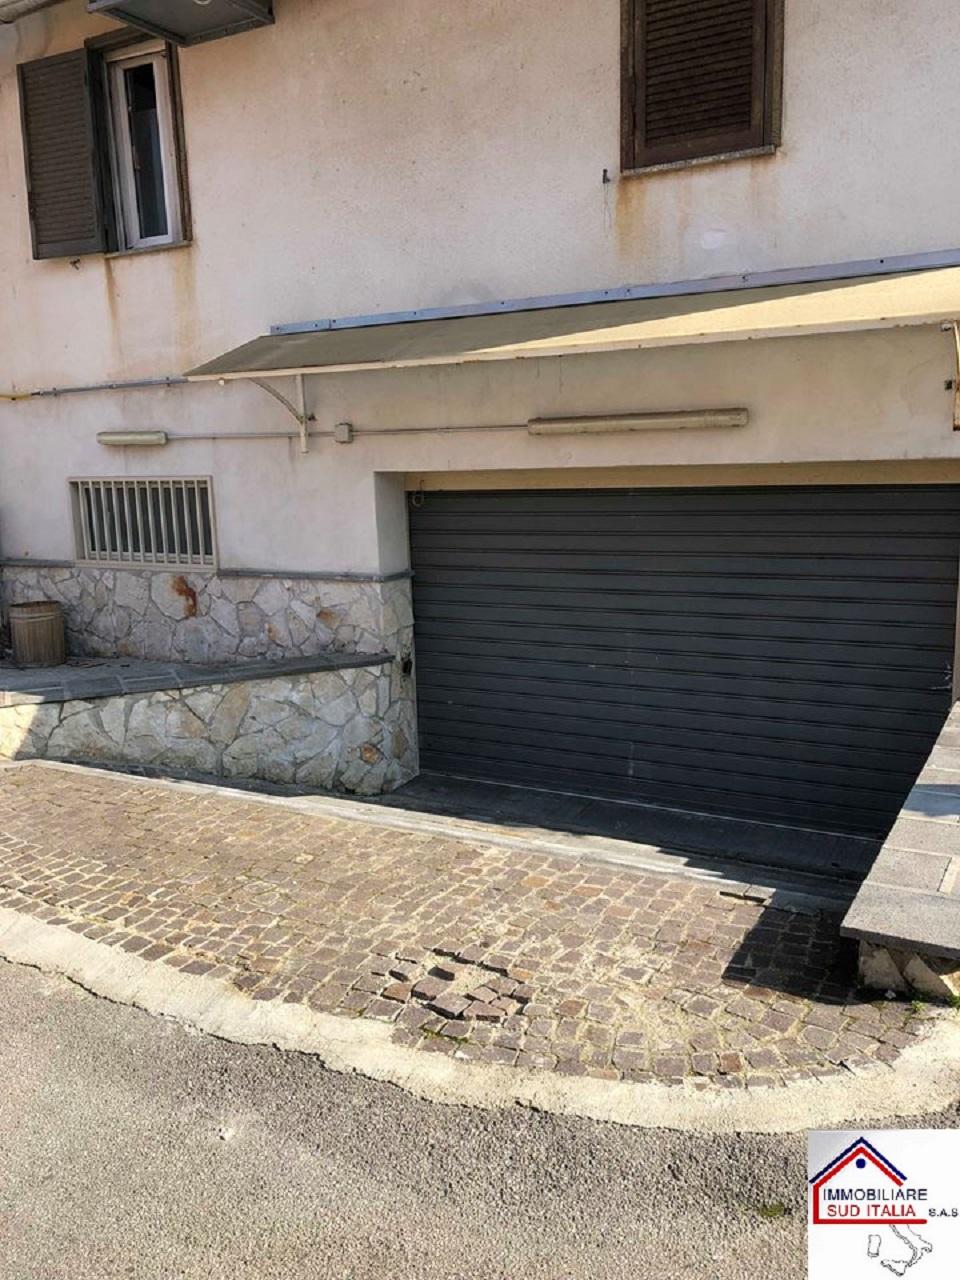 Magazzino in affitto a Giugliano in Campania, 9999 locali, zona Zona: Varcaturo, prezzo € 550 | CambioCasa.it